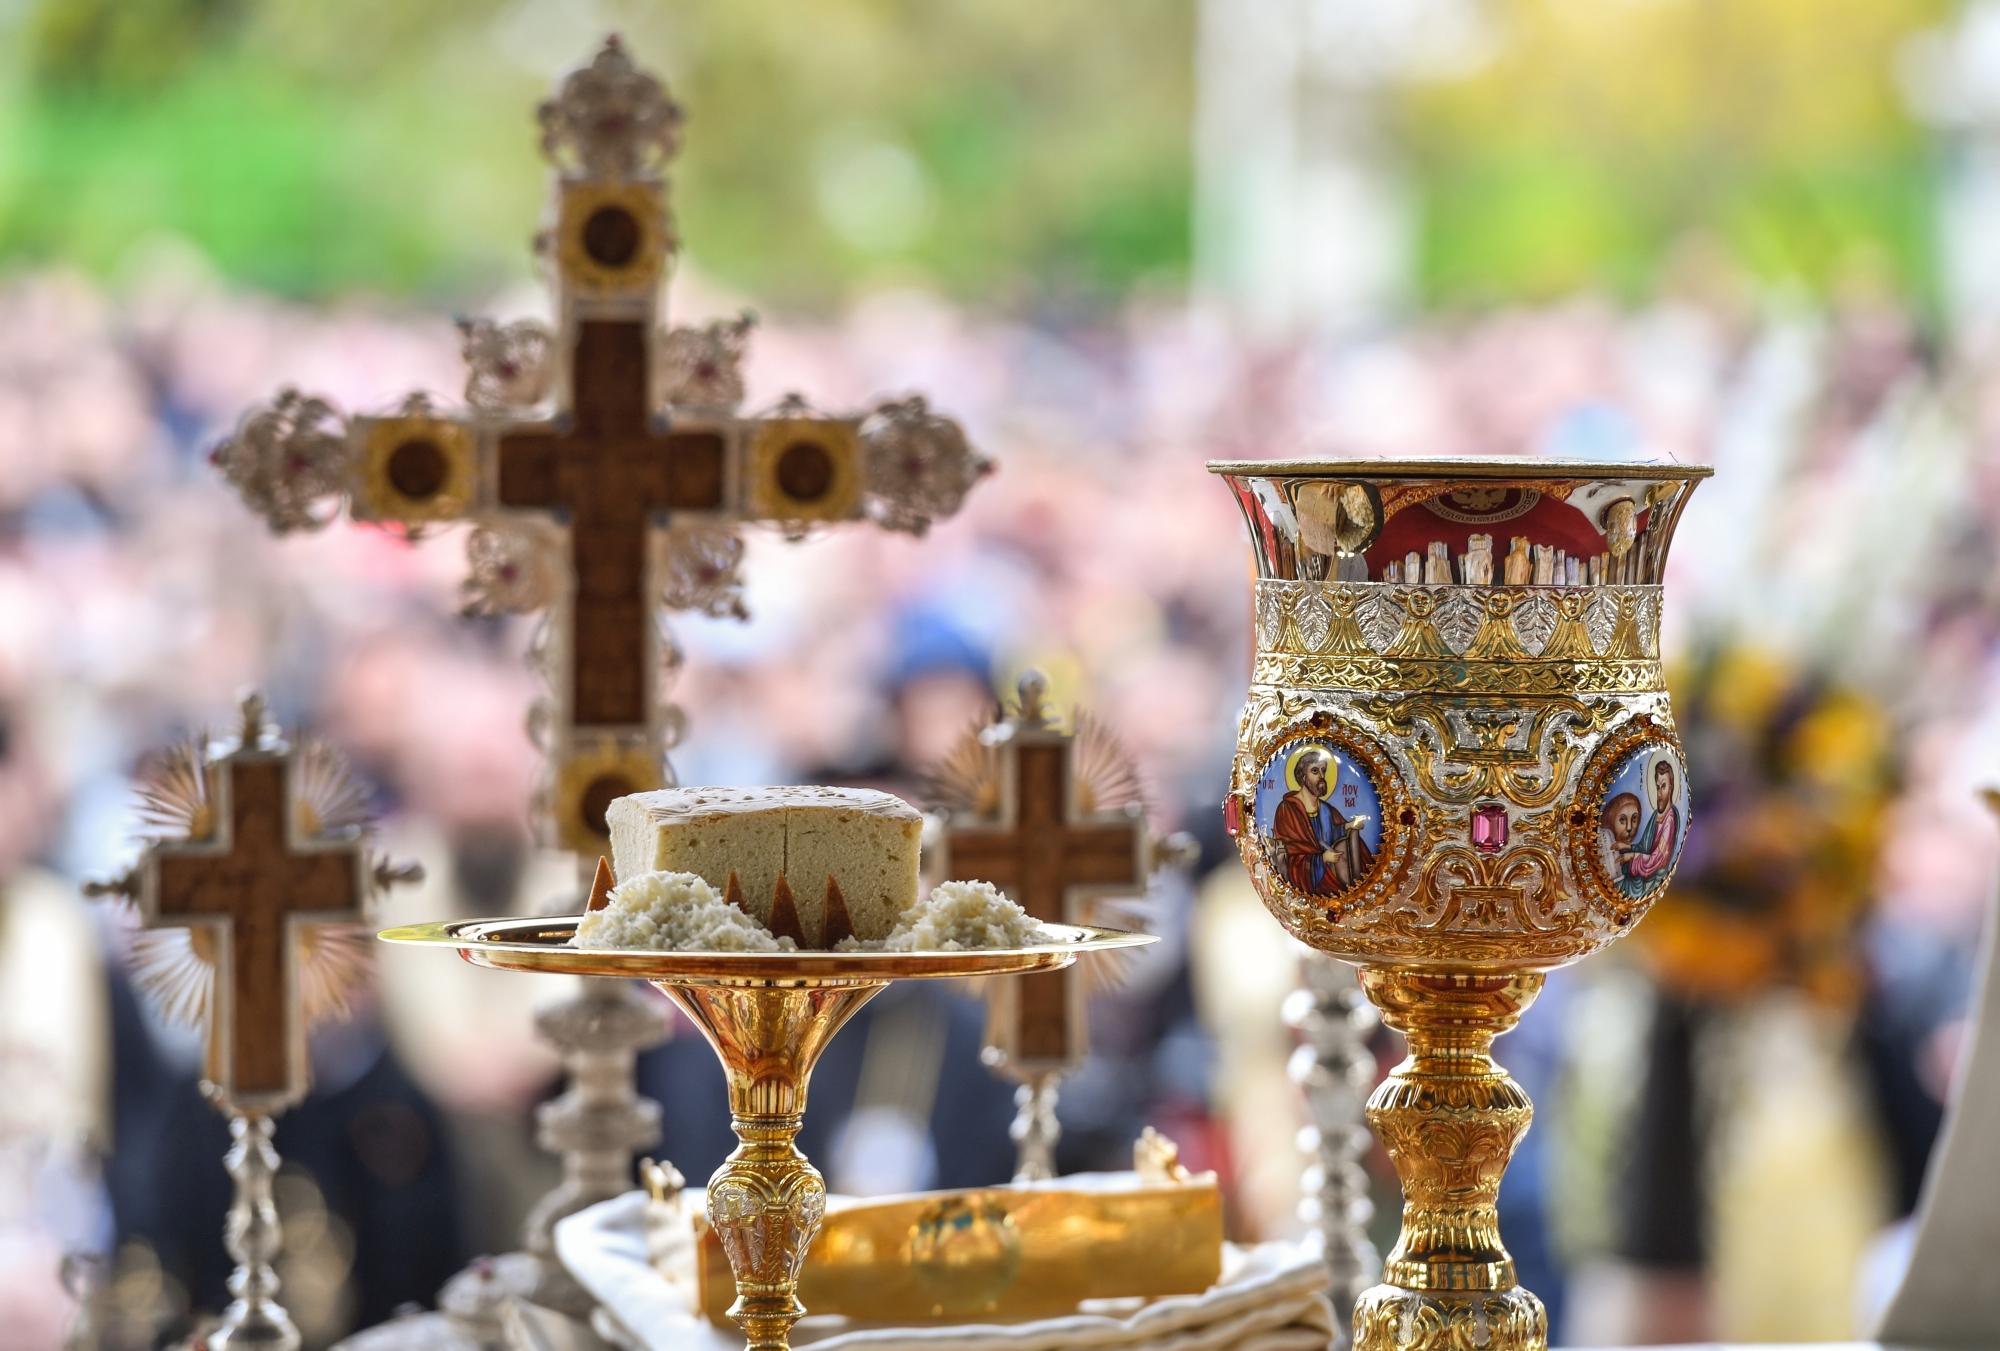 """Deschiderea bisericilor – cu ce pret? """"AMANAREA"""" IMPARTASIRII CREDINCIOSILOR la Sfanta Liturghie – DOAR O MASURA TEMPORARA sau INCEPUTUL CELEI MAI GRAVE CAPITULARI in fata abuzului autoritatilor, in numele """"ratiunii practice""""?! <i>""""Biserica este Euharistie, este Potir""""</i> – DE CE ACCEPTAM SANTAJUL STATULUI si ne multumim cu firimiturile pe care ni le arunca? <i>""""Tot delirul asta e la inceput si va urma un razboi aproape inevitabil""""</i>"""